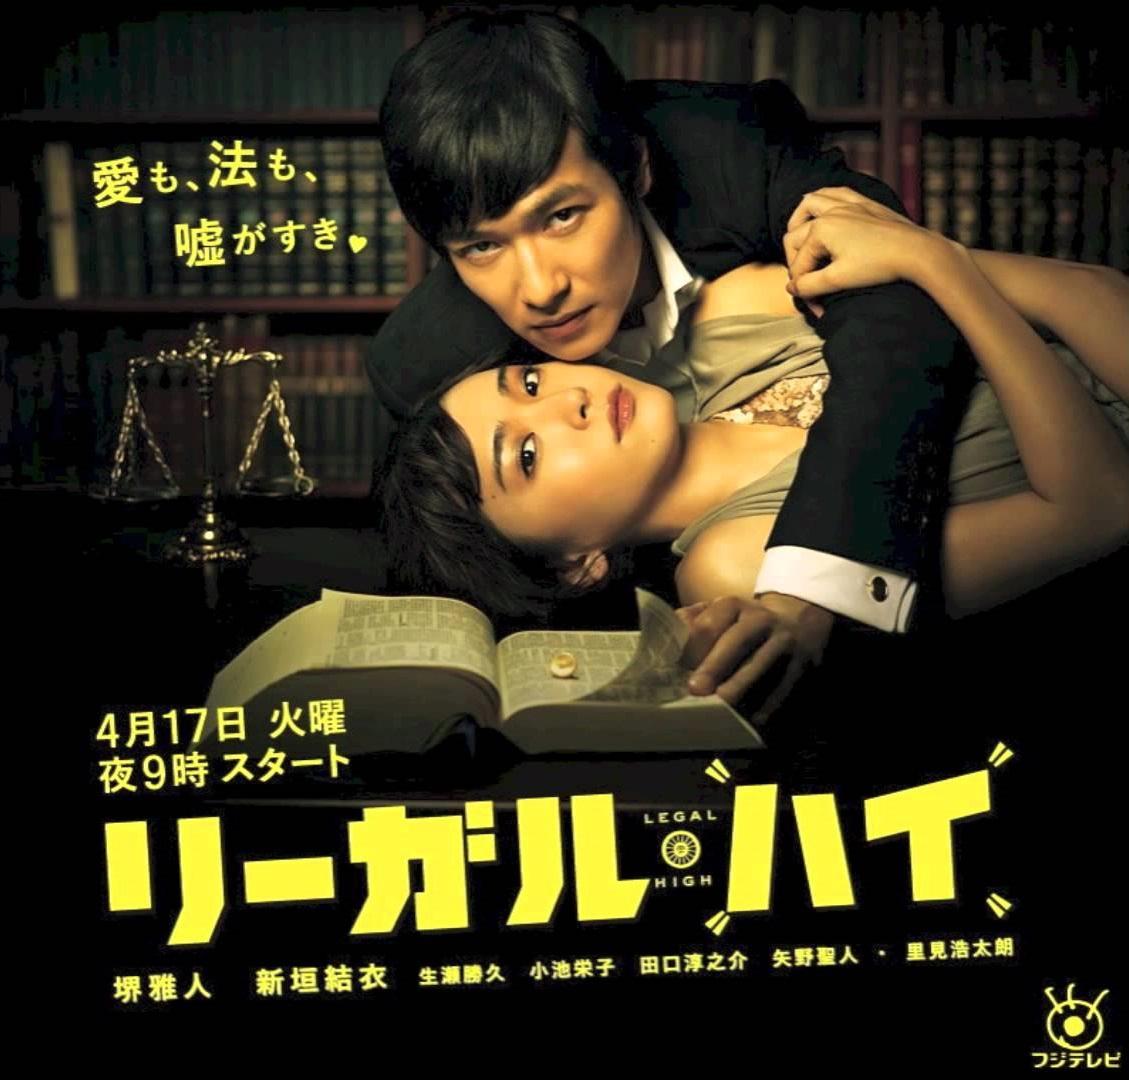 「律政狂人」系列編劇古澤良太膺選日本最佳編劇。